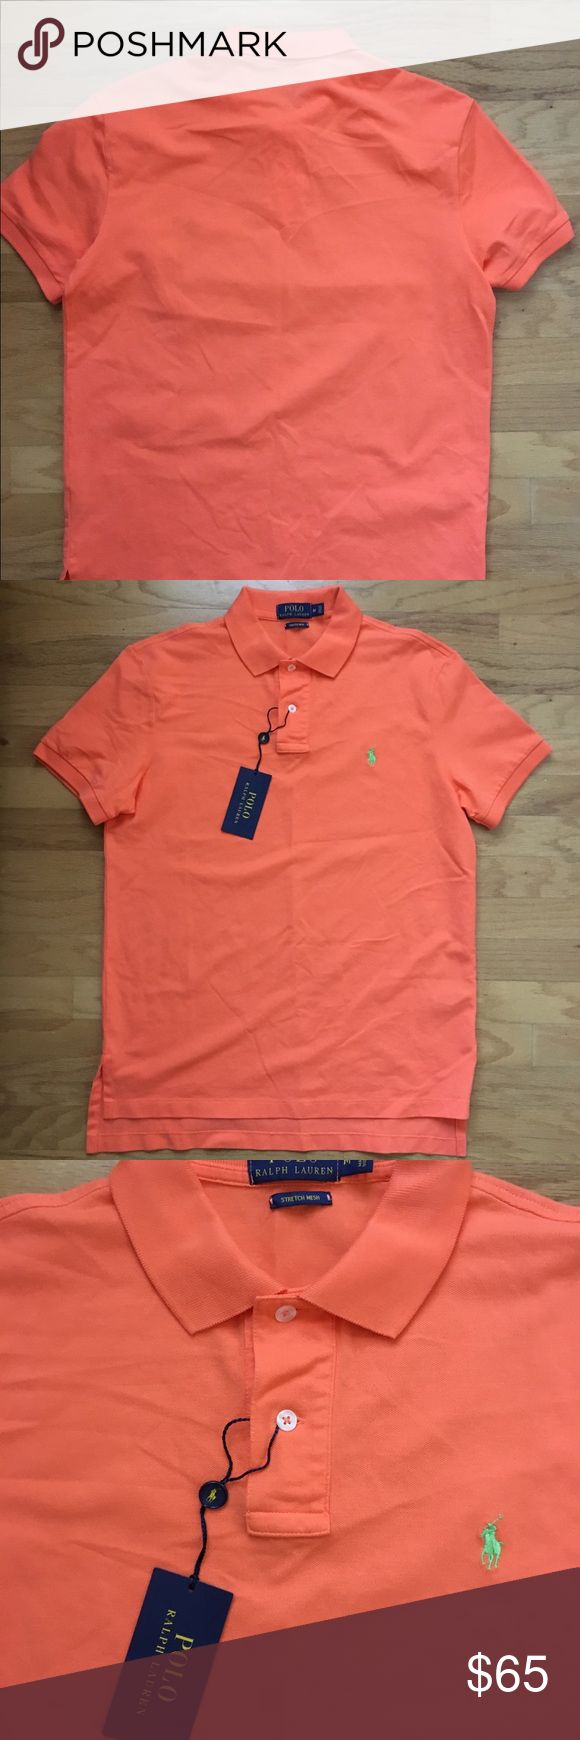 Men polo shirt by Ralph Lauren size M Brand new men polo shirt by Ralph Lauren. Brand new with tags. Size M Polo by Ralph Lauren Shirts Polos